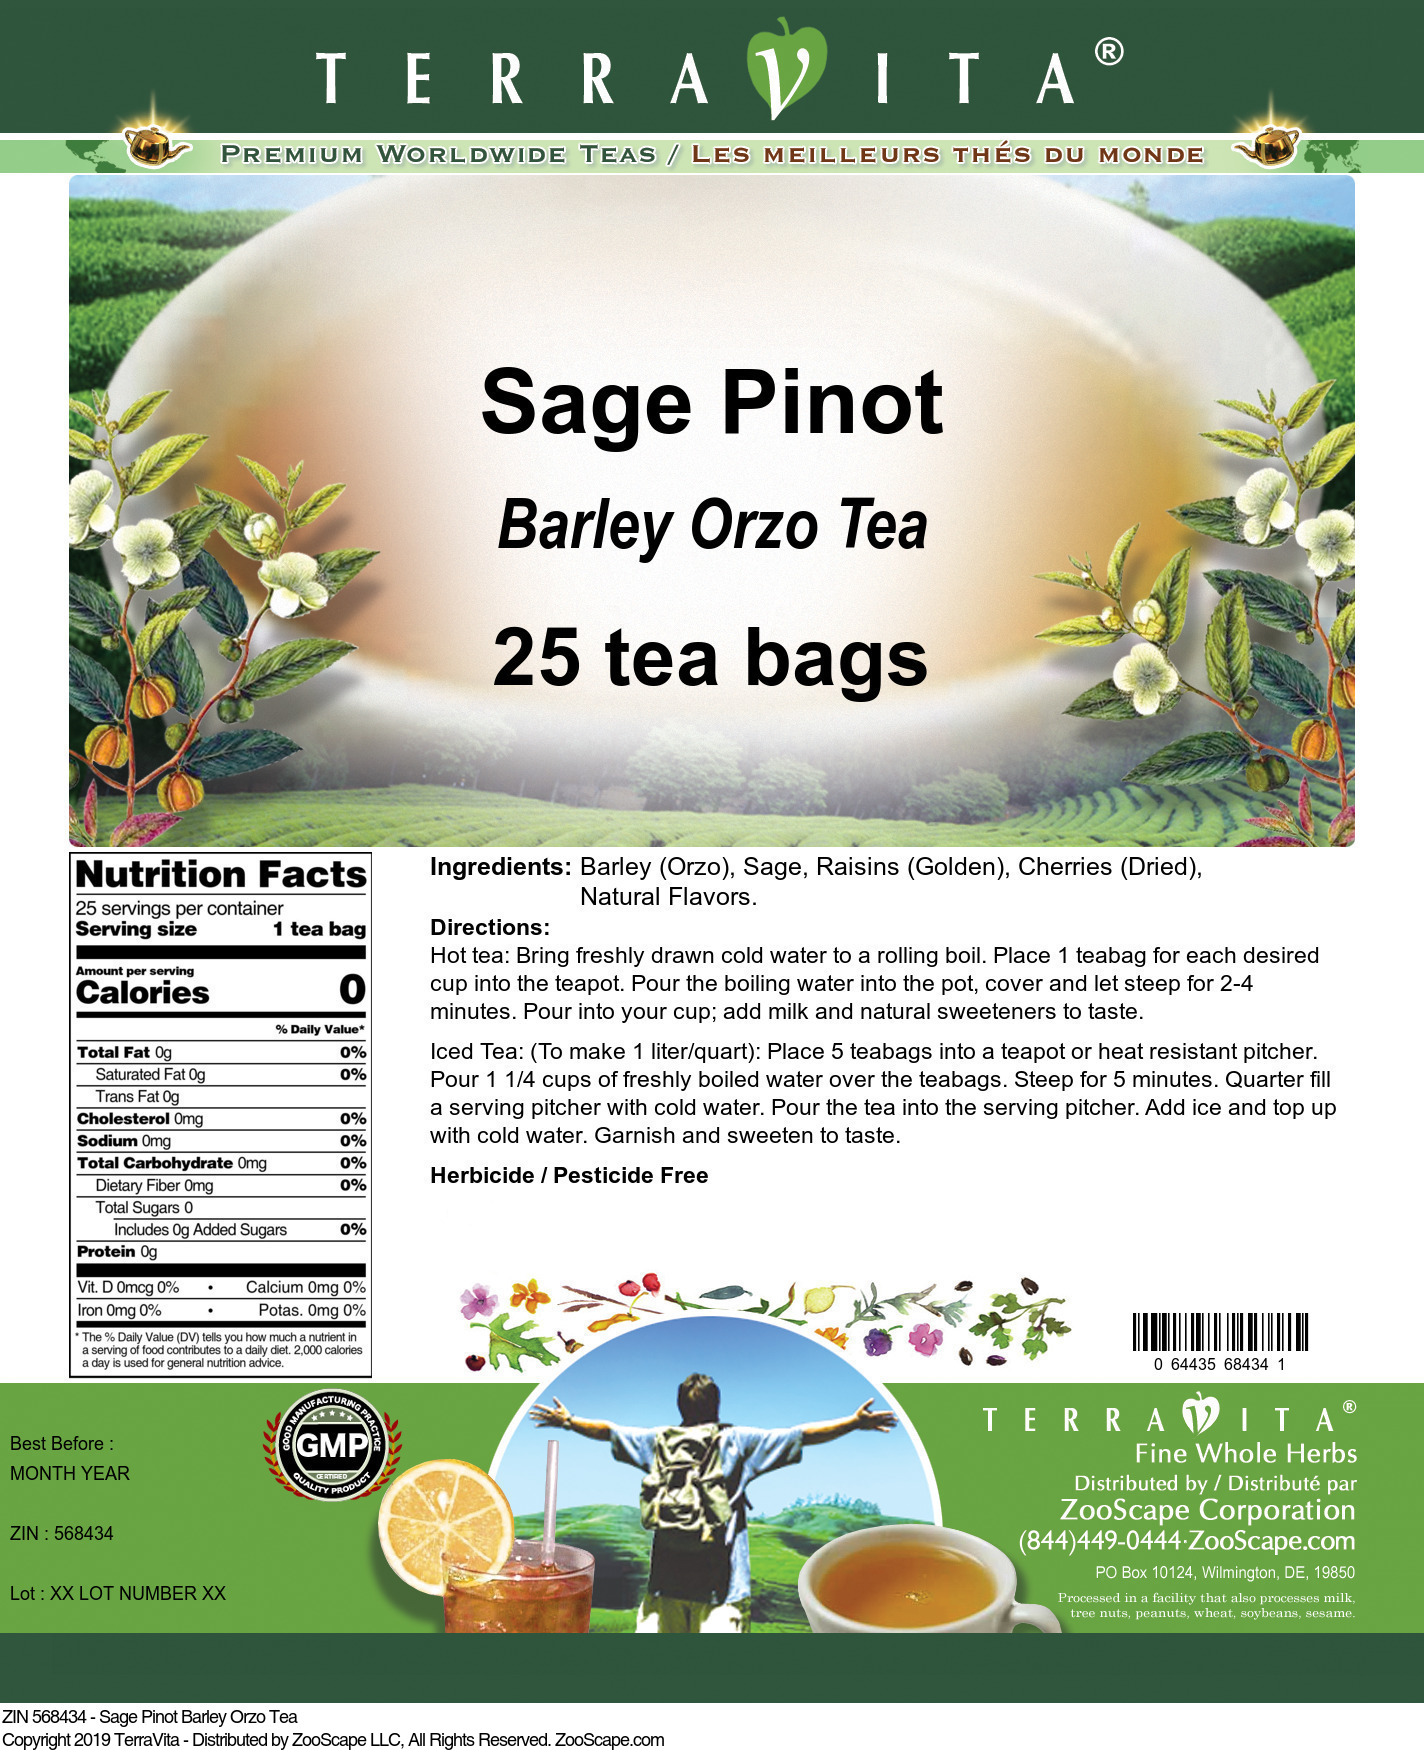 Sage Pinot Barley Orzo Tea